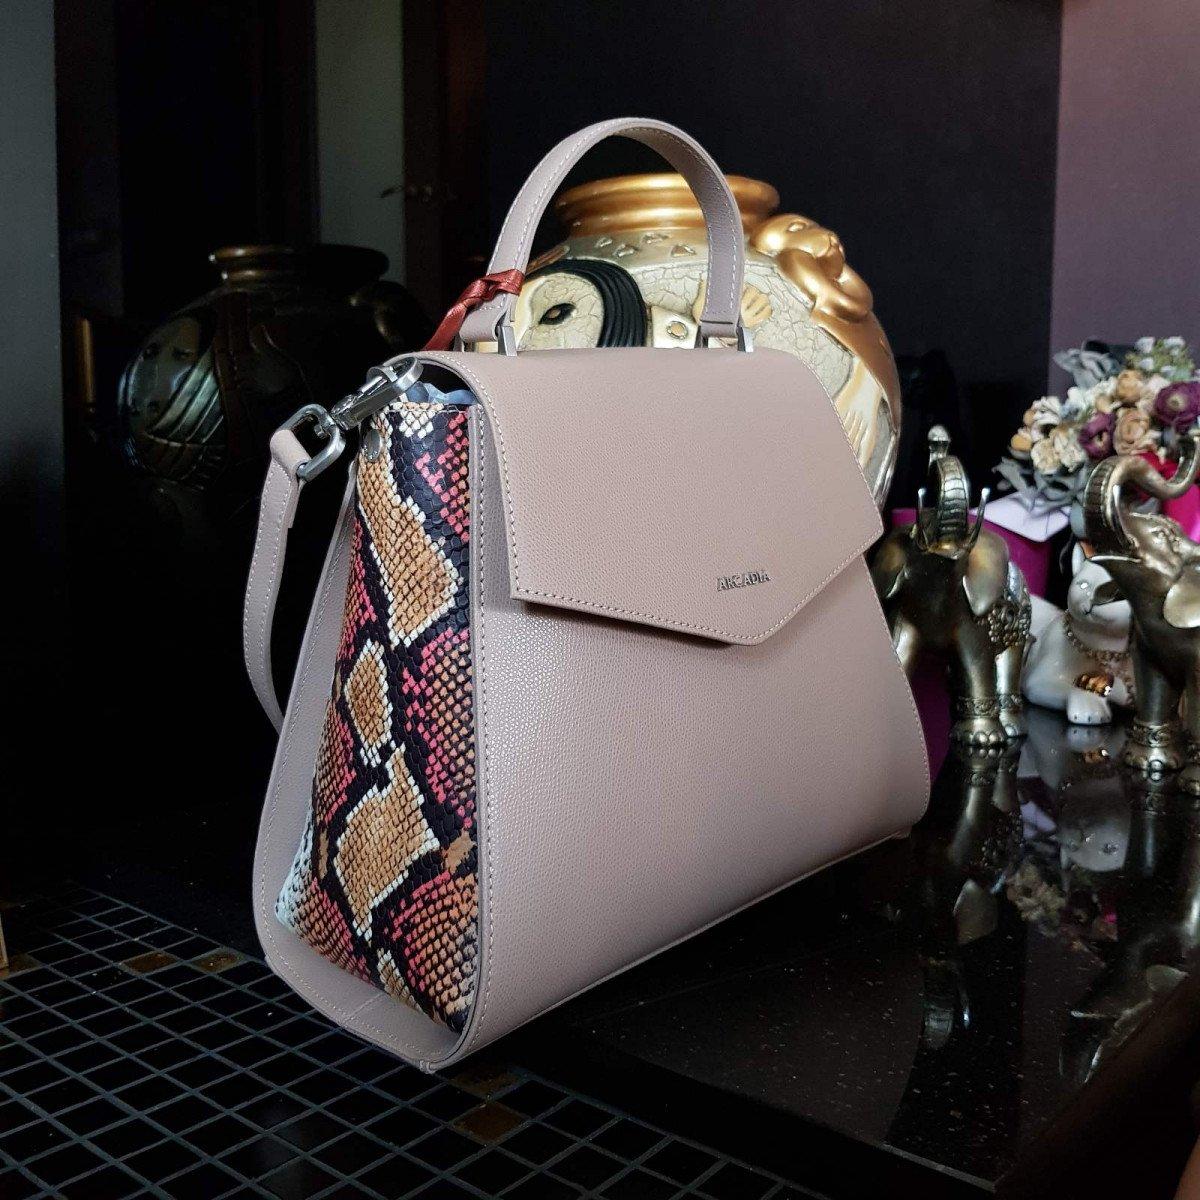 Женская кожаная сумка Arcadia 9190 palm+p beige/arancio из натуральной кожи